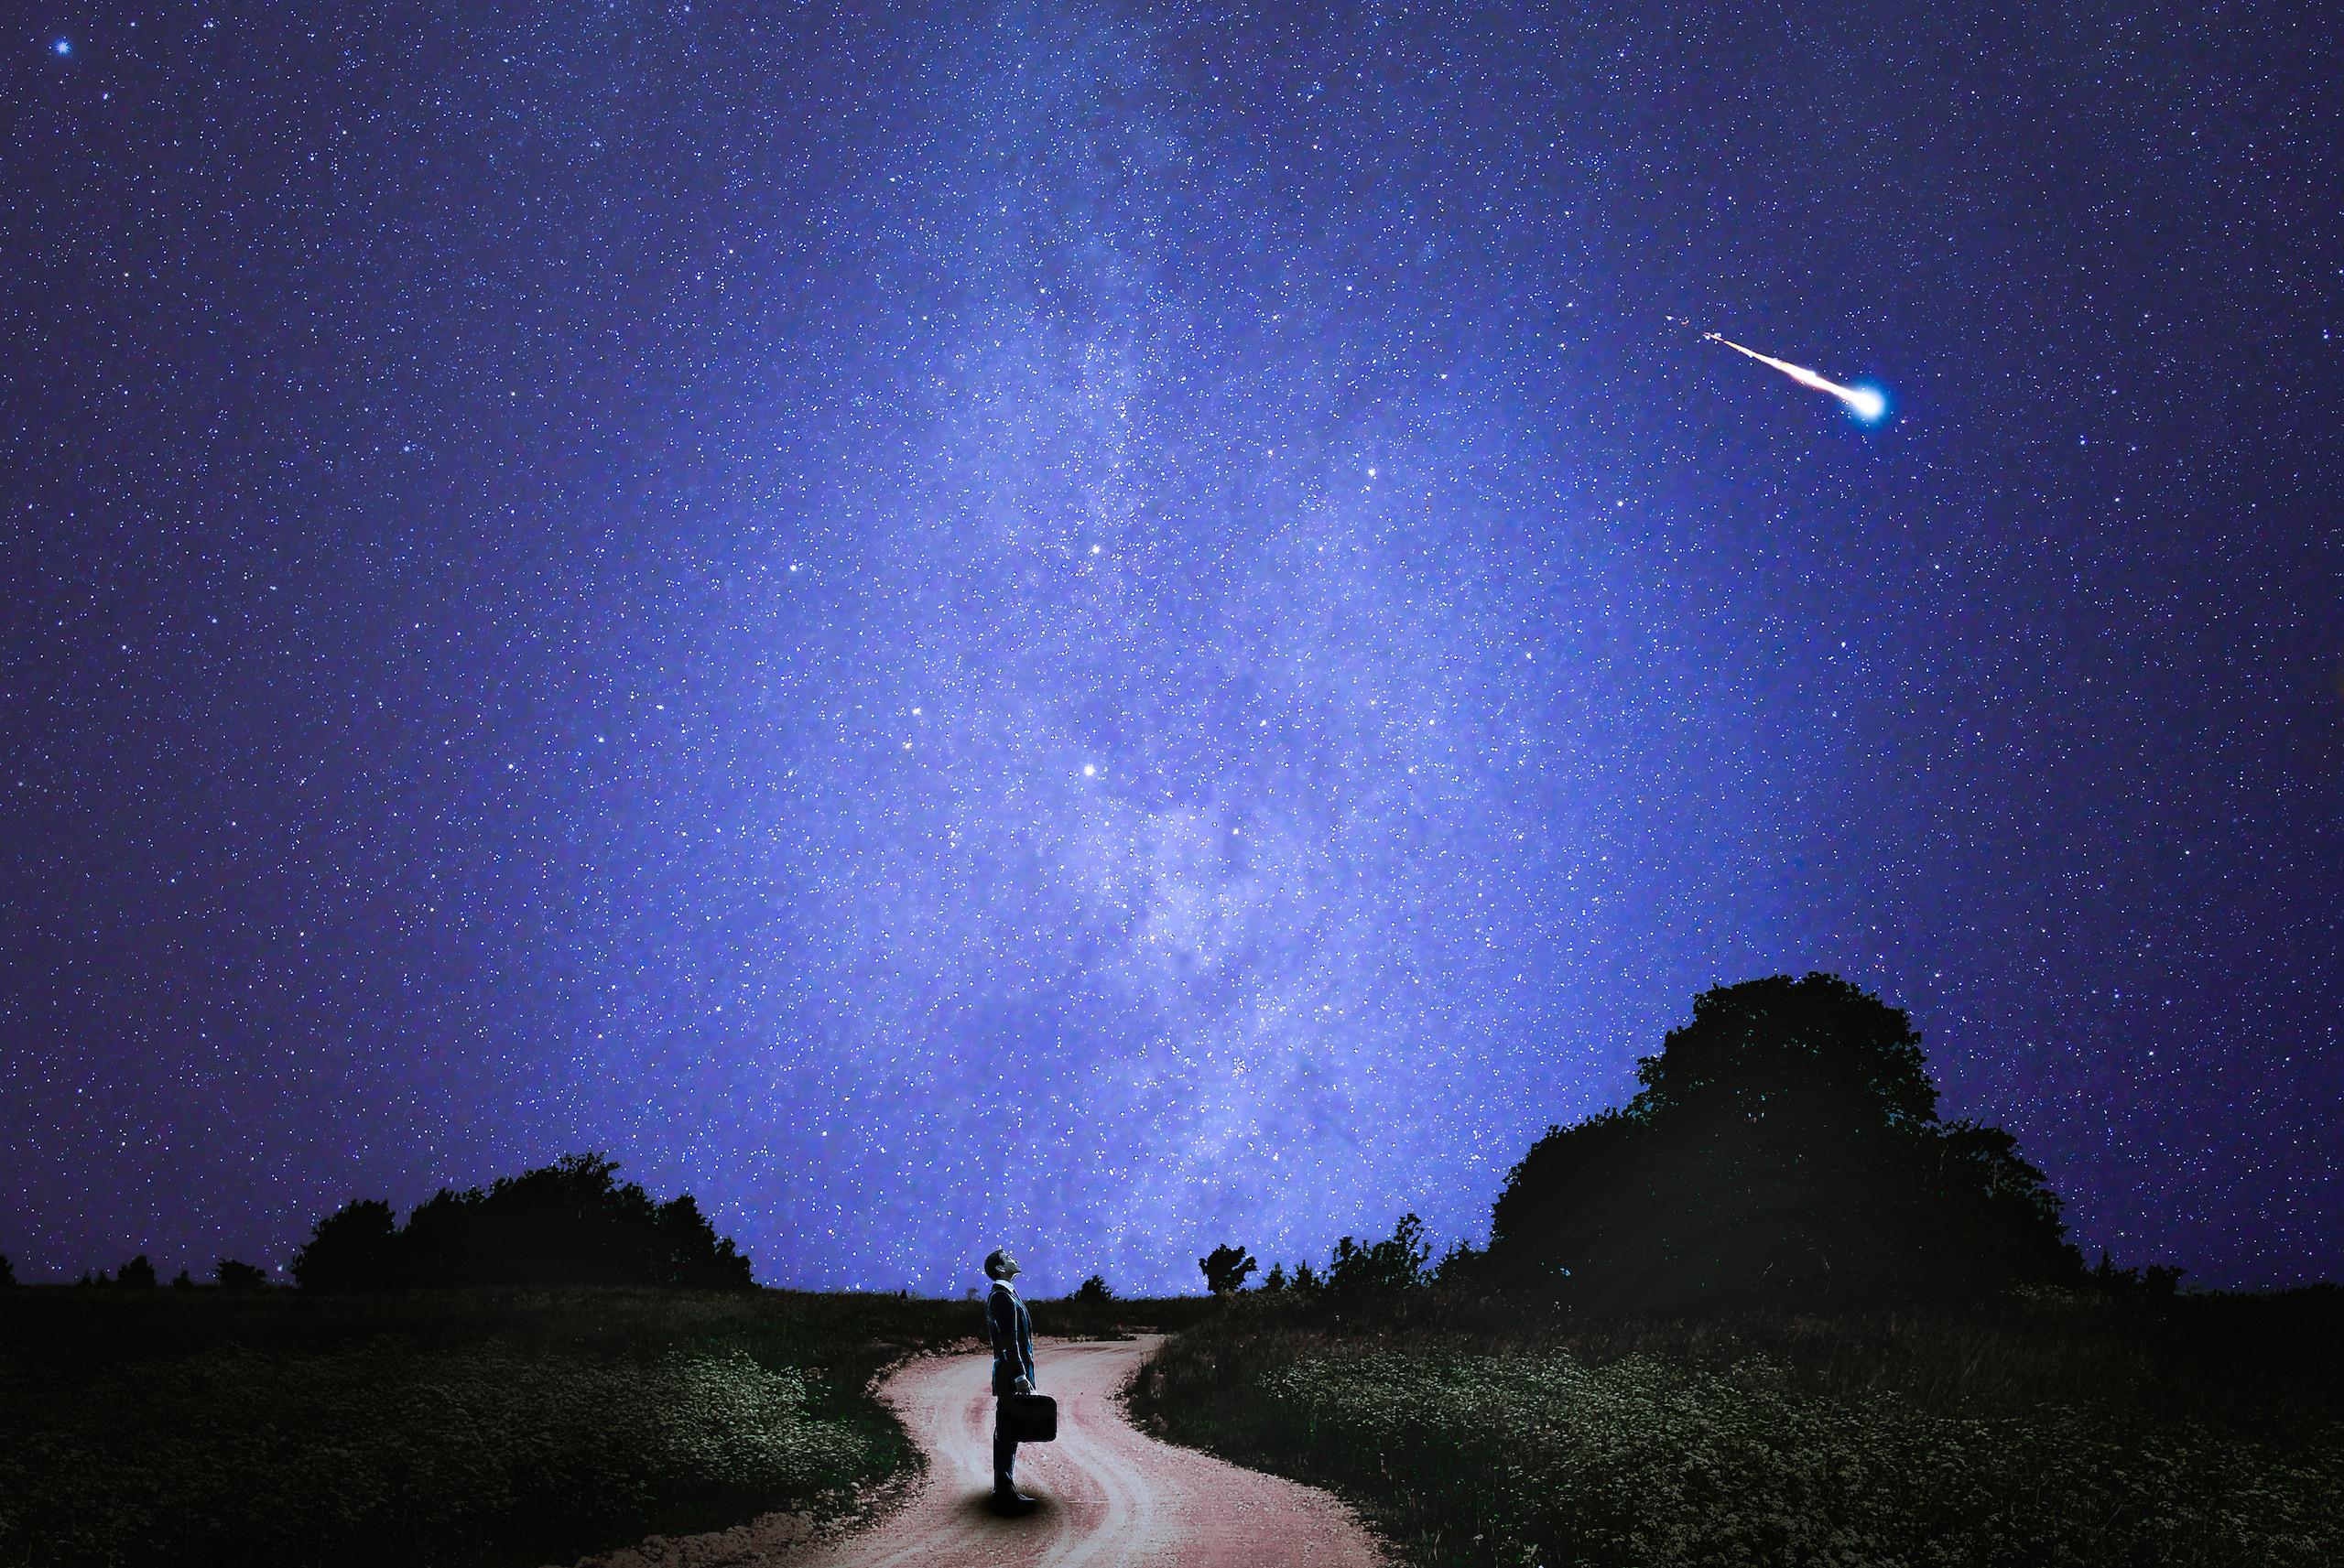 美しすぎる星空の壁紙まとめ(高解像度2560px) , Idea Web